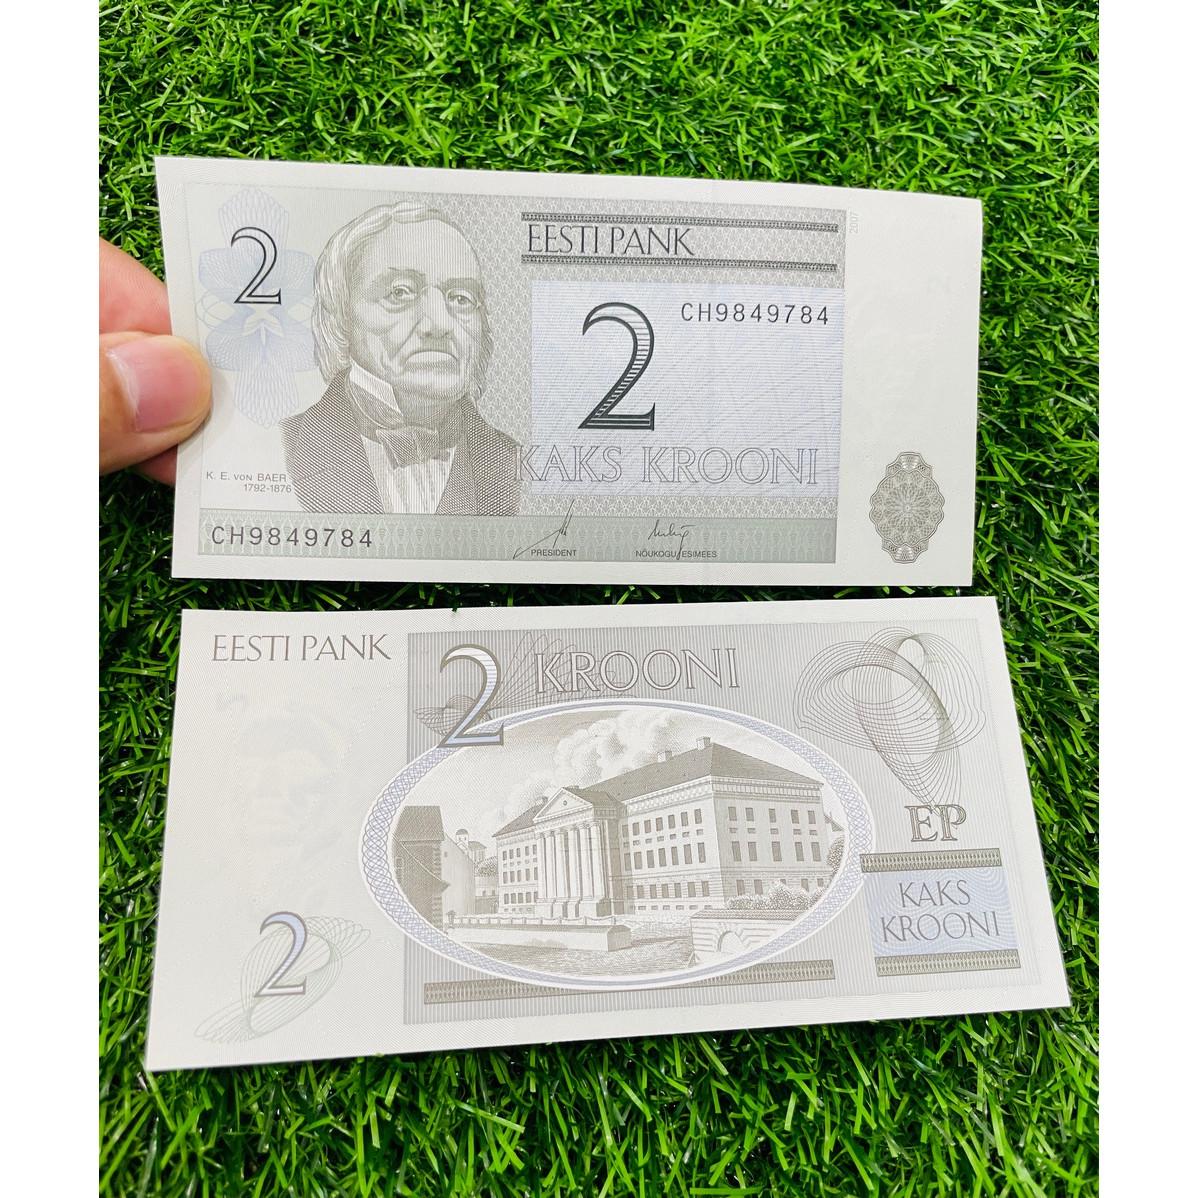 Tiền Estonia 2 Krooni, đất nước châu Âu, mới 100% UNC, tặng túi nilon bảo quản The Merrick Mint